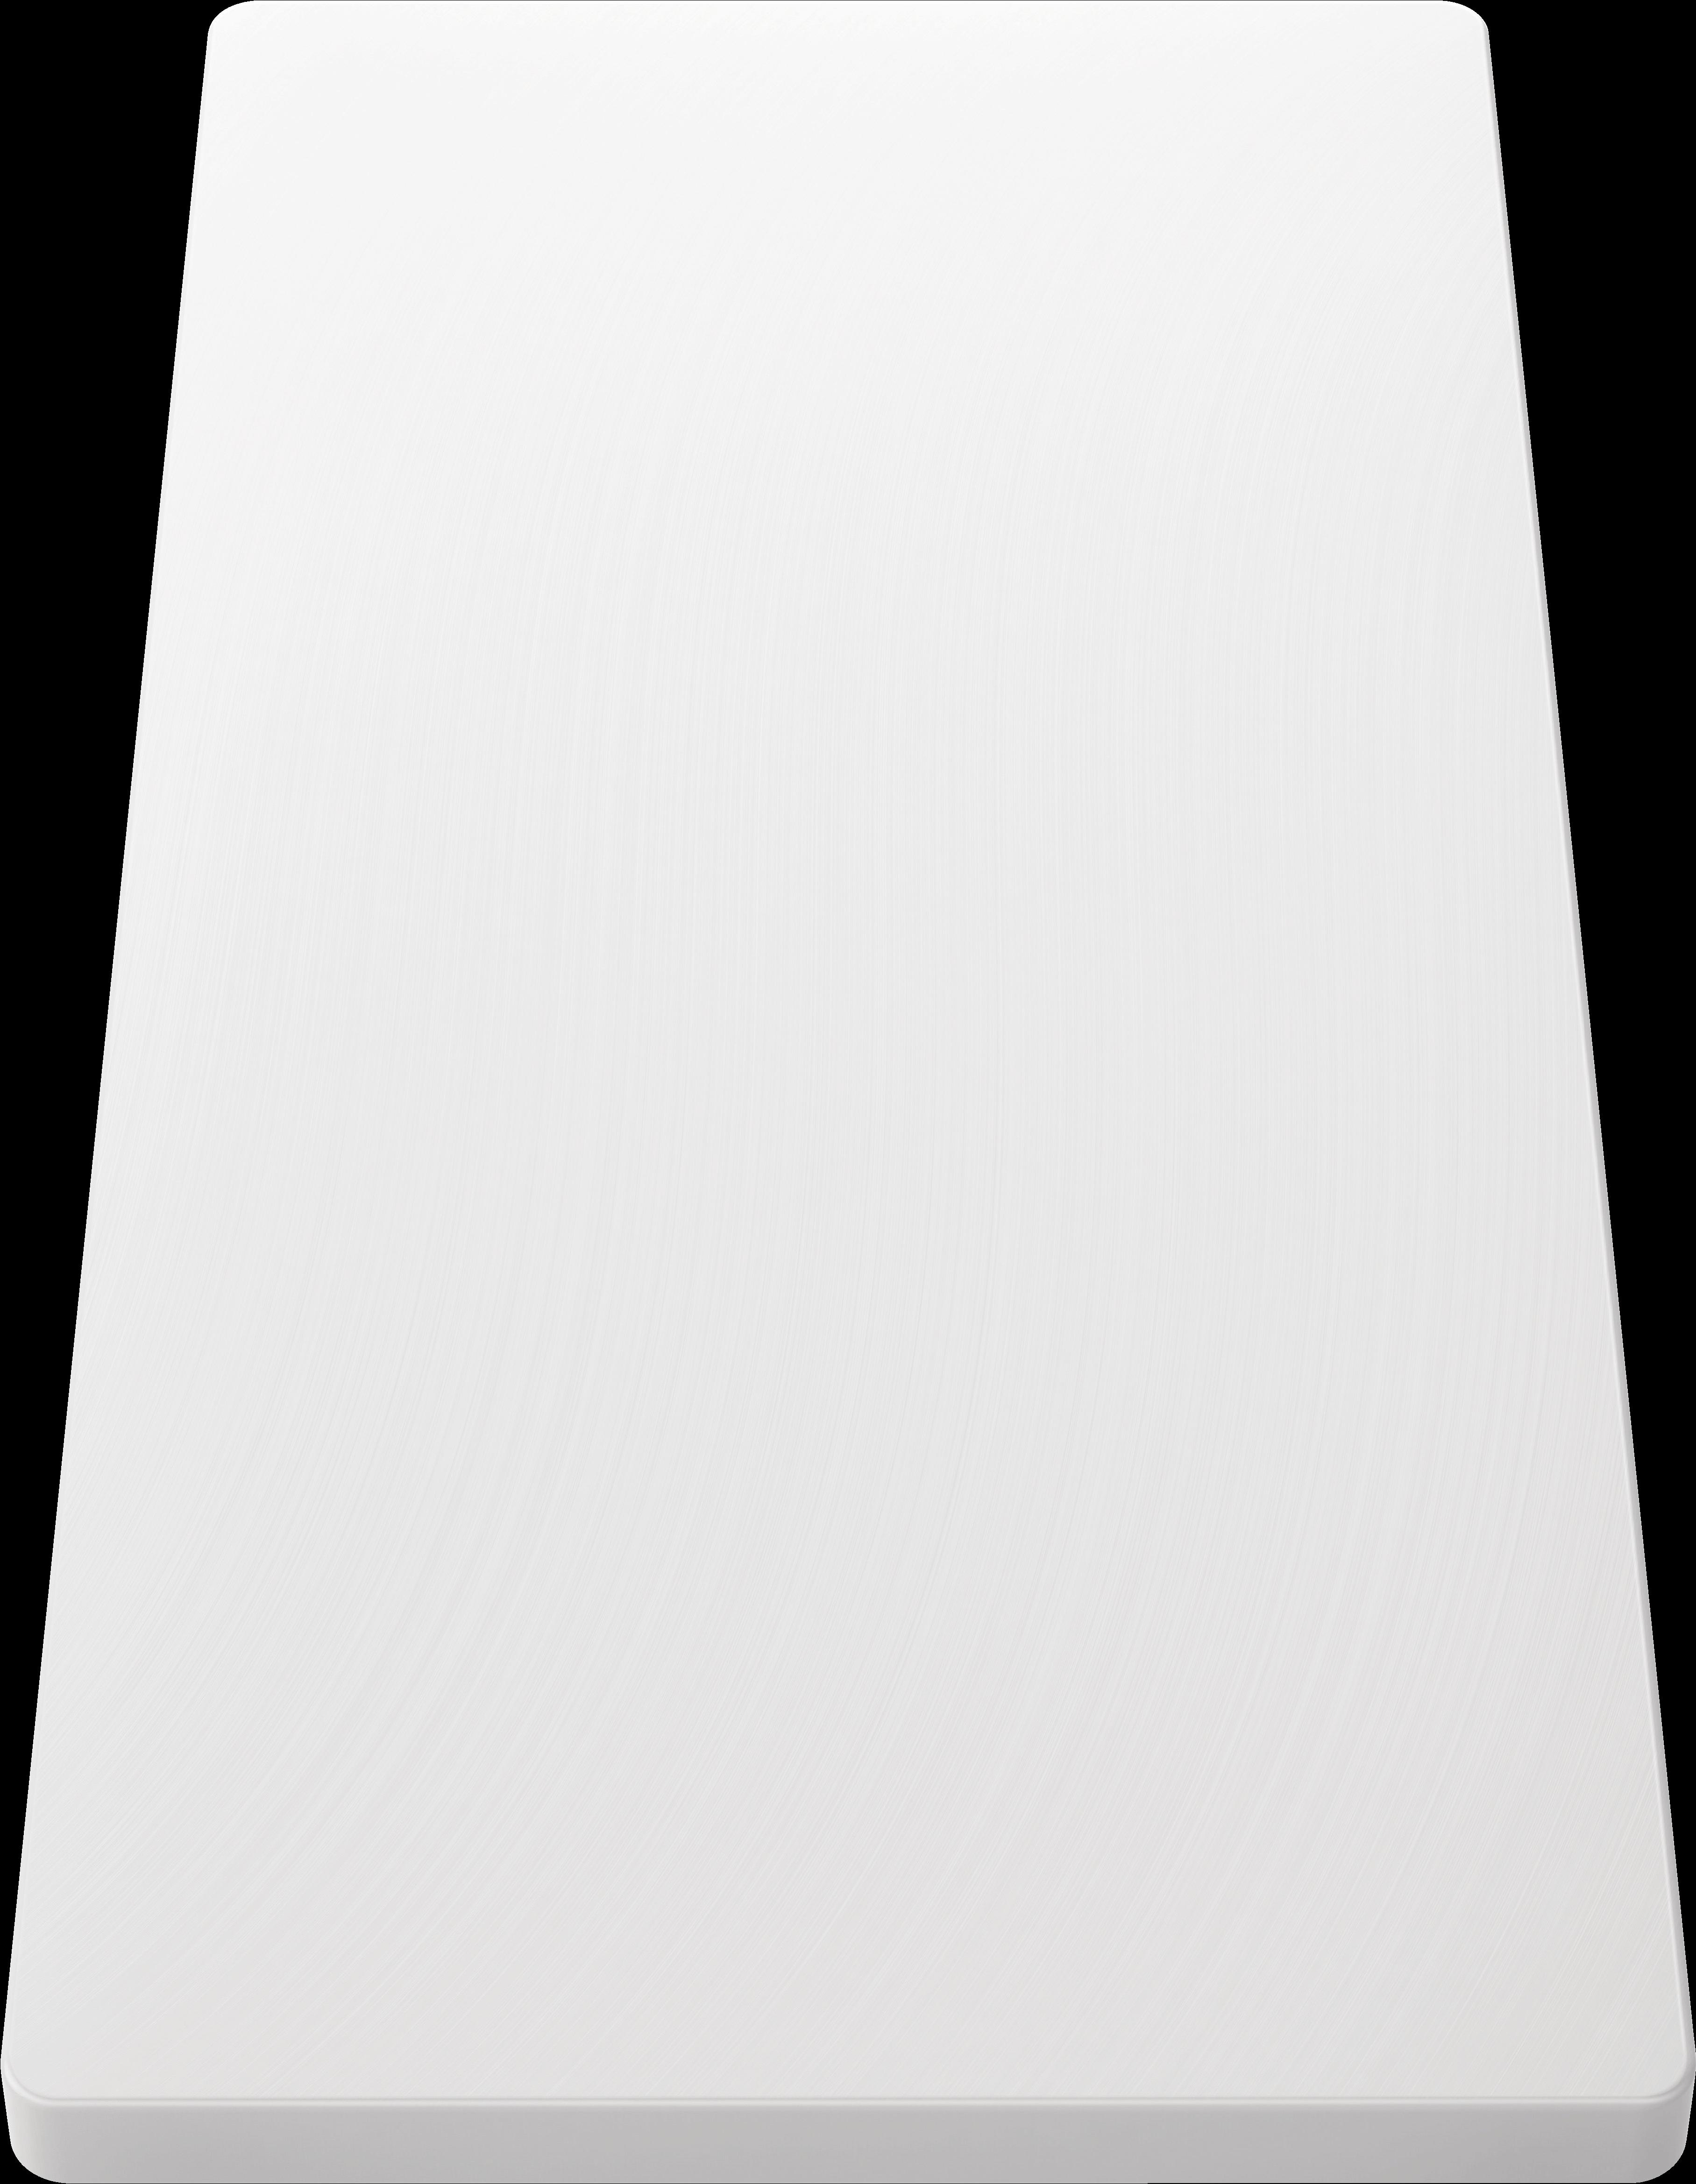 Schneidbrett aus wertigem Kunststoff in weiß